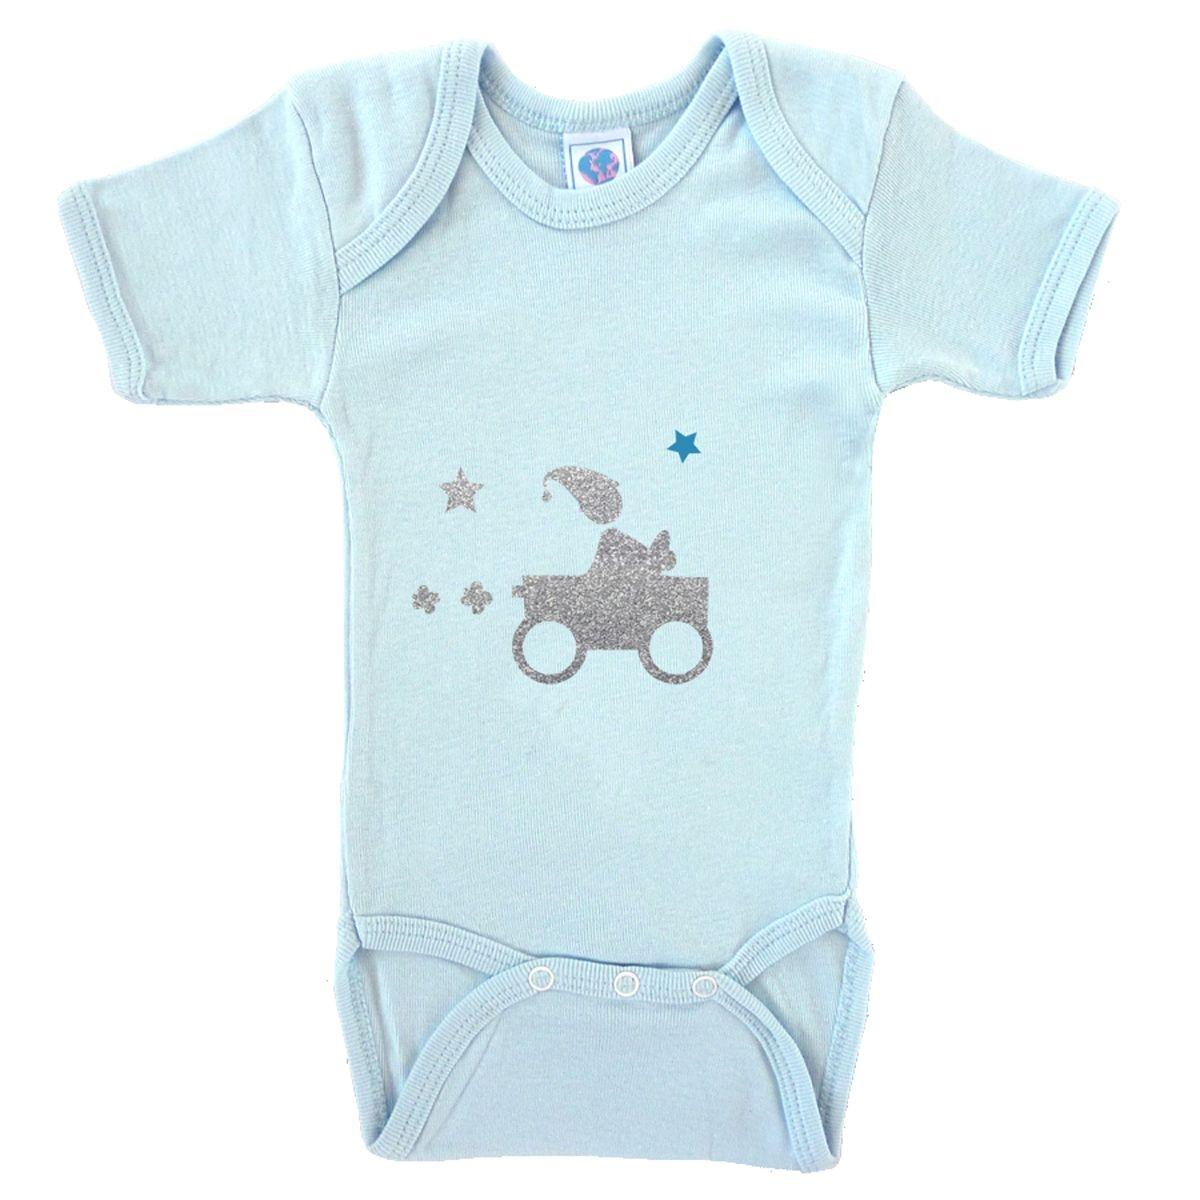 Body bébé en coton manches courtes bleu